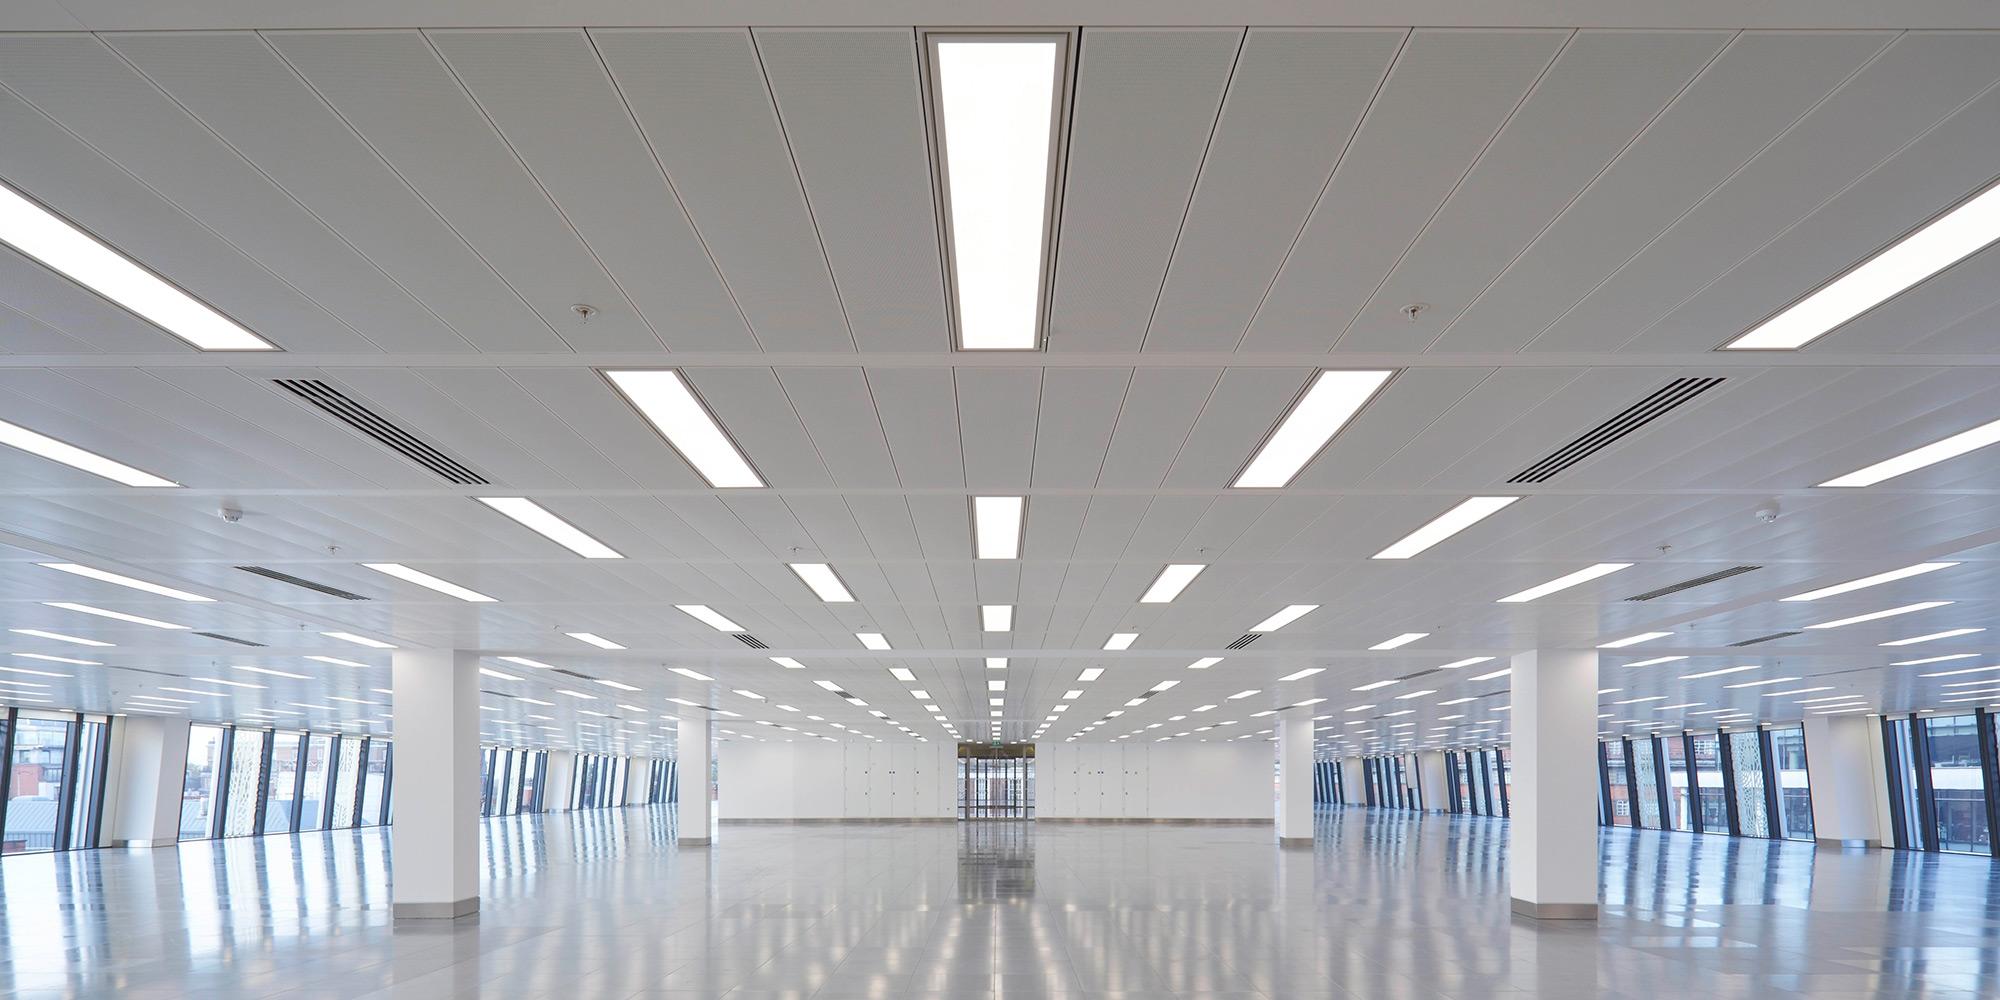 Проектирование систем светодиодного освещения